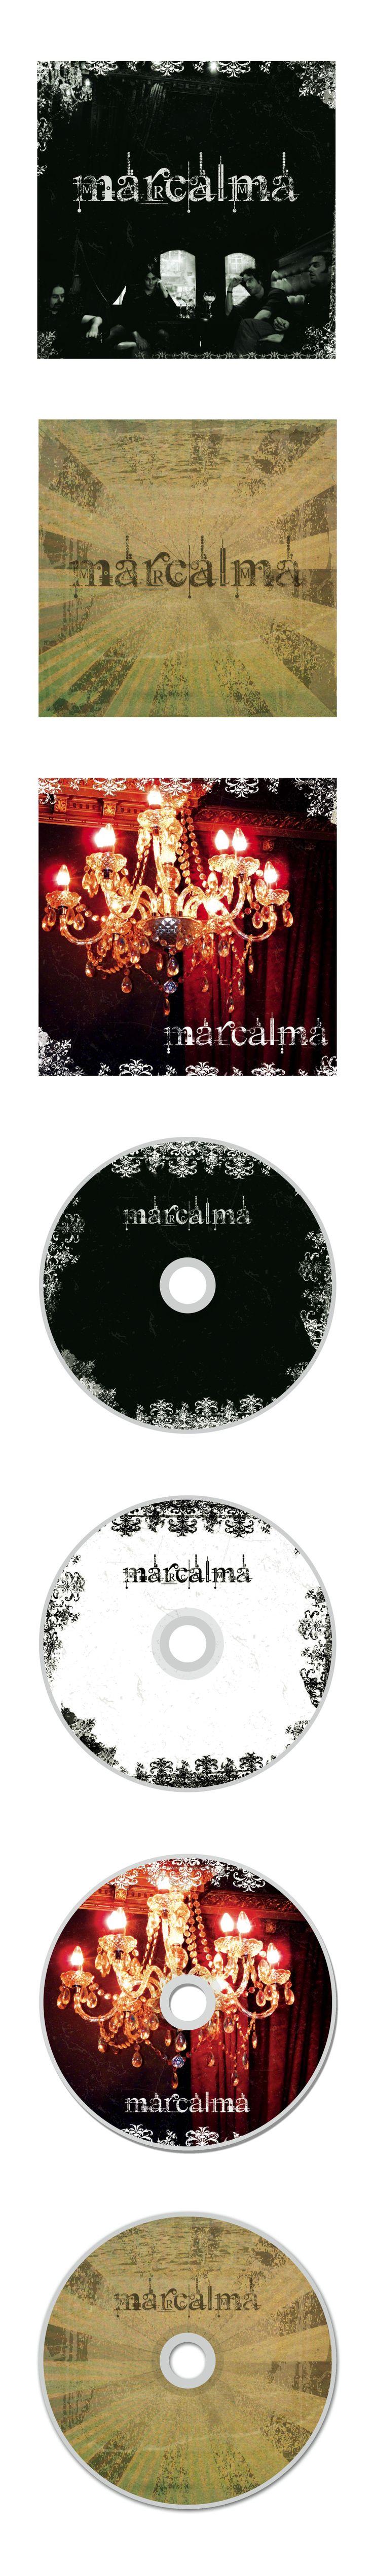 Propuestas de Caratula de CD y galleta para el grupo riojano Marcalma.